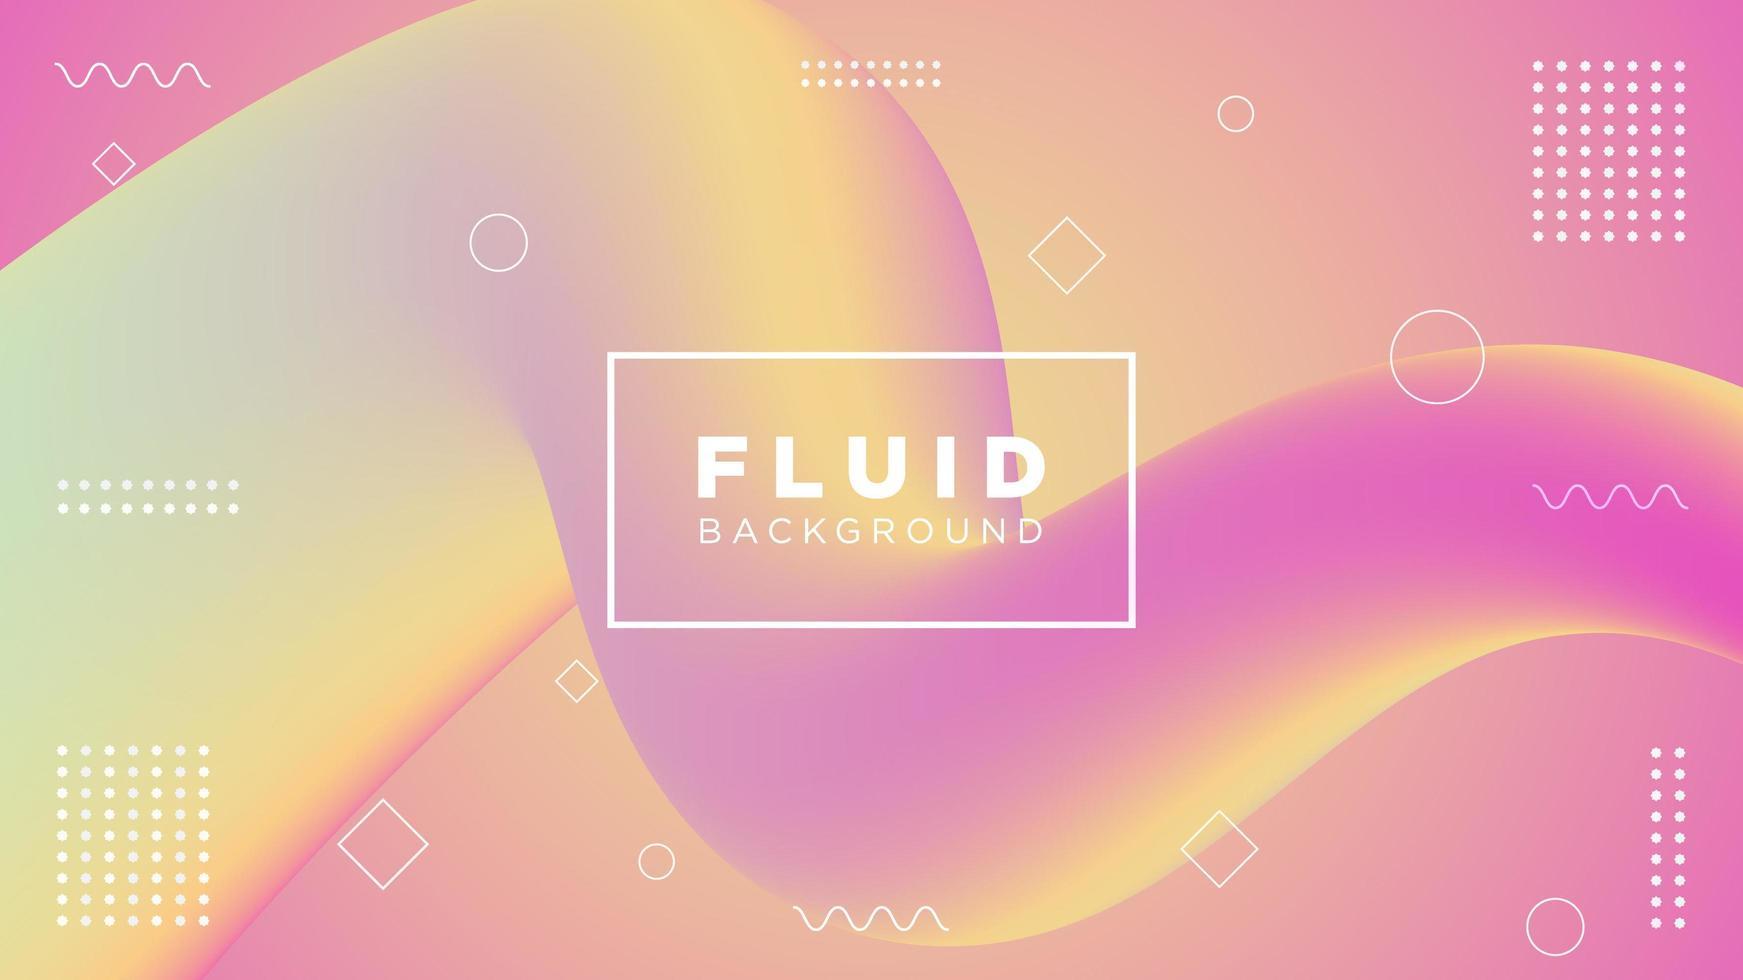 diseño de movimiento fluido degradado rosa y amarillo vector